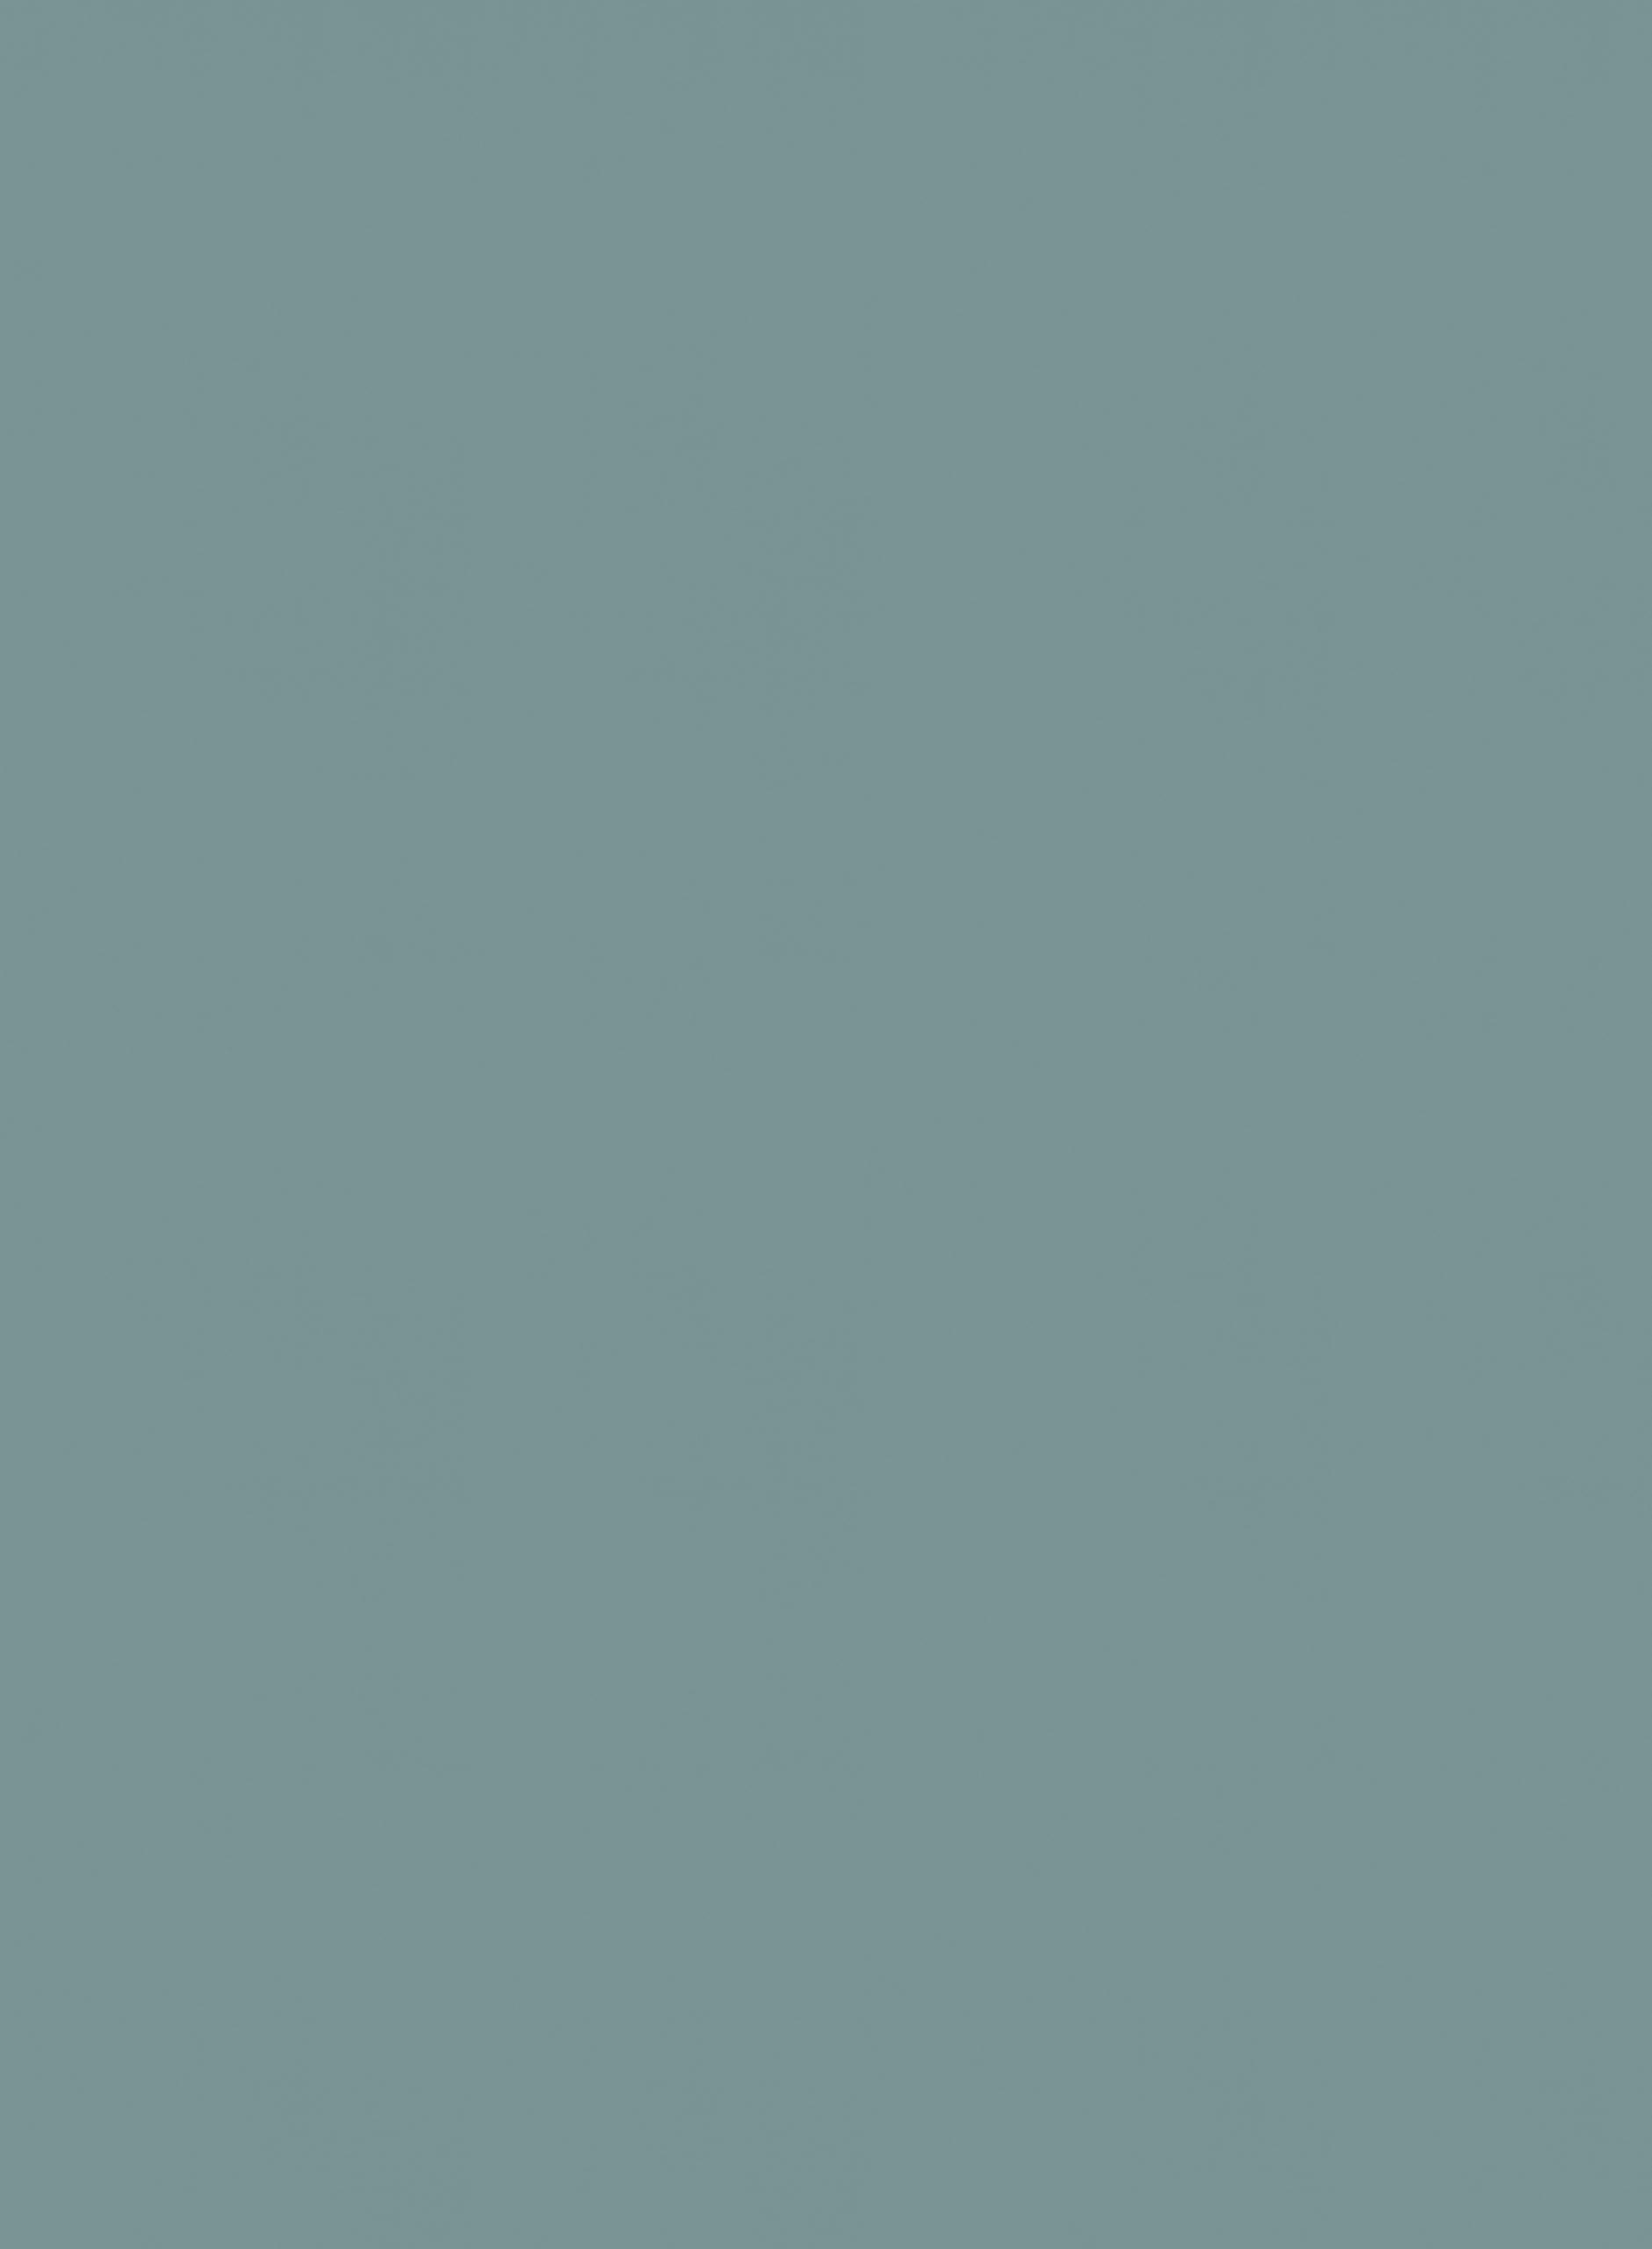 UB64 Ovatta hele plaatafbeelding 2800x2070 mm